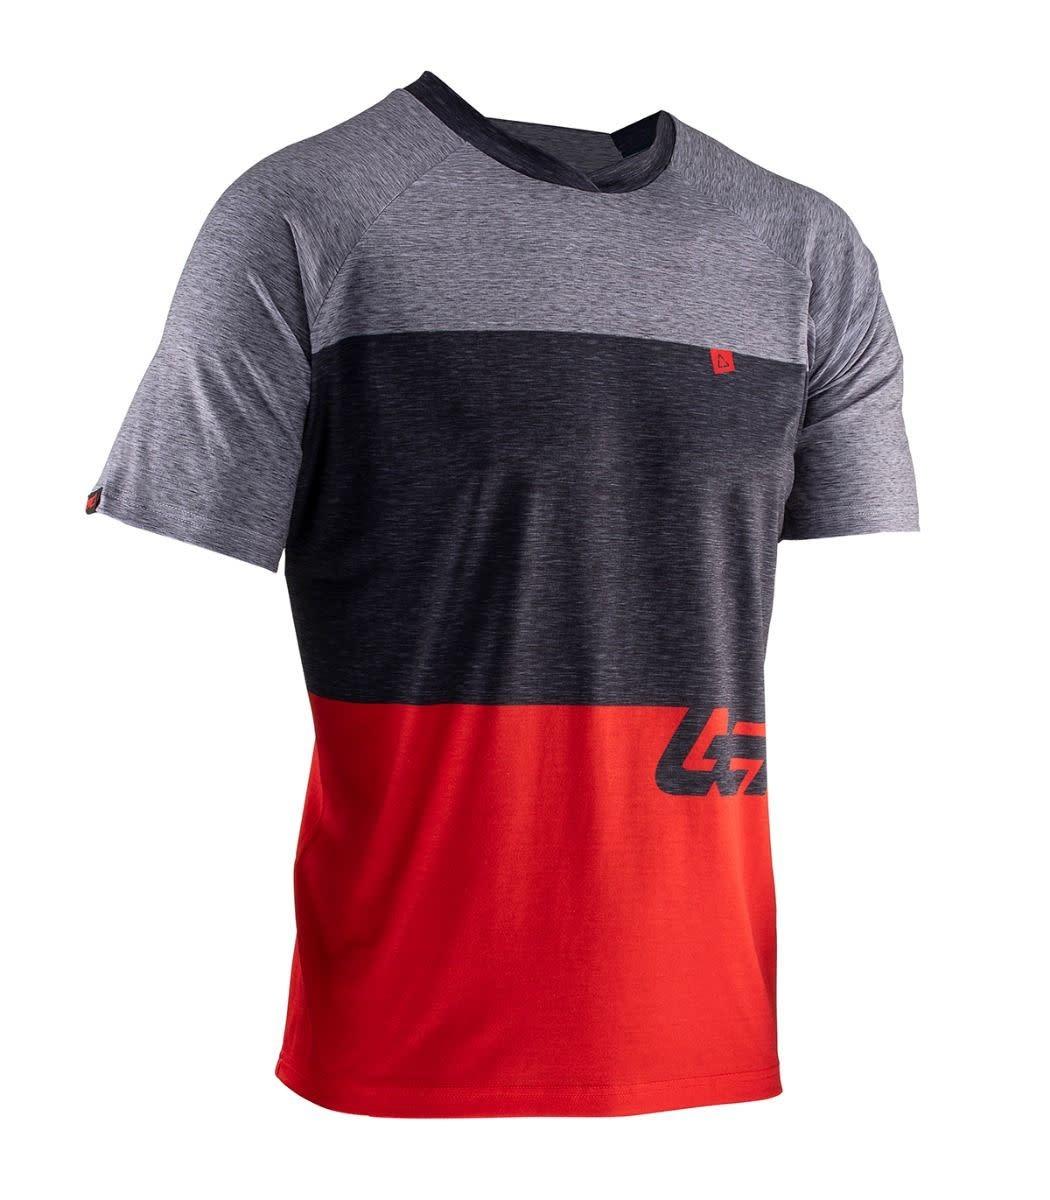 Leatt Leatt Jersey DBX 2.0 #M Red